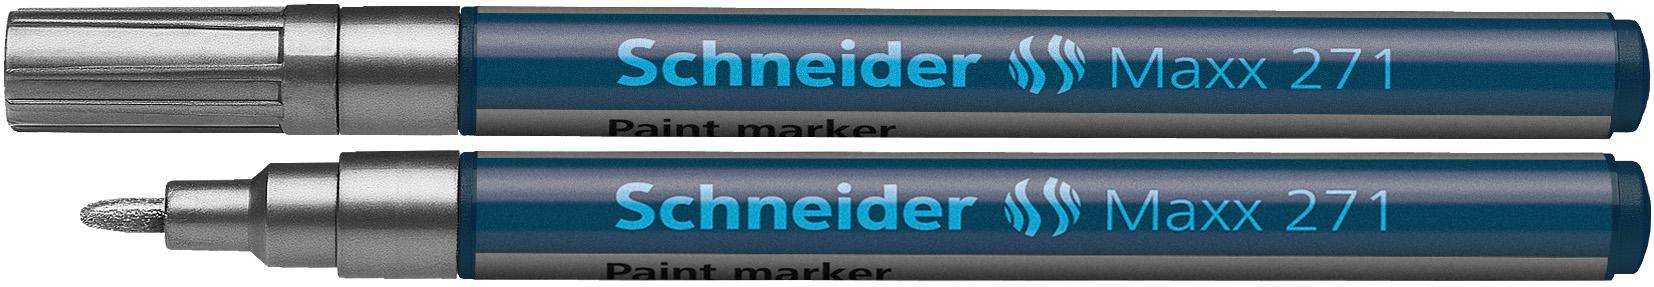 Marker Cu Vopsea Schneider Maxx 271  Varf Rotund 1-2mm - Argintiu